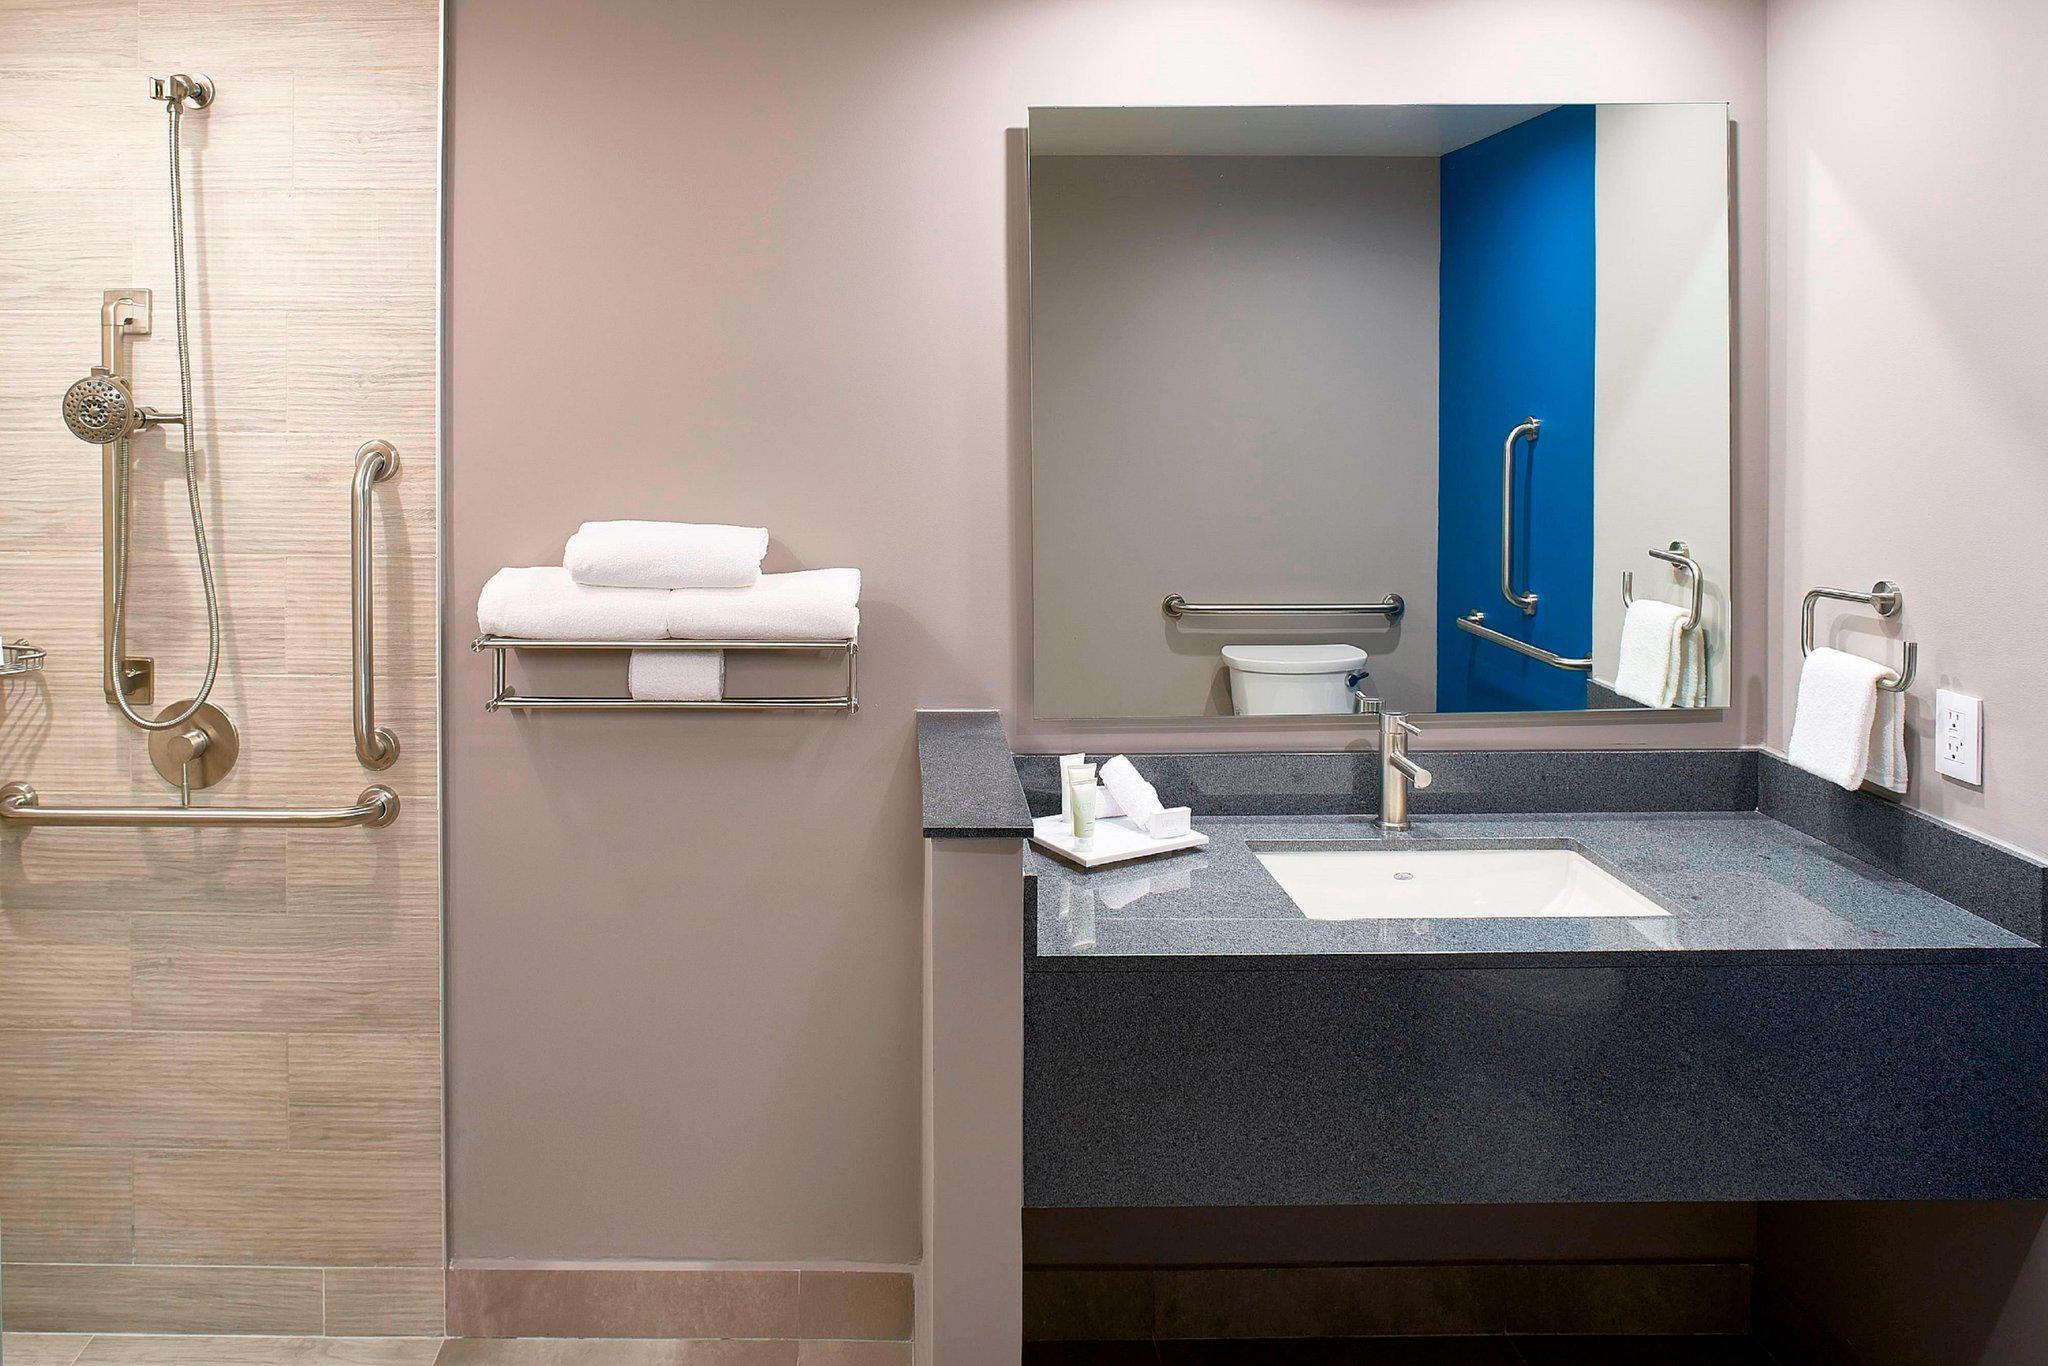 Fairfield Inn & Suites by Marriott Aguascalientes